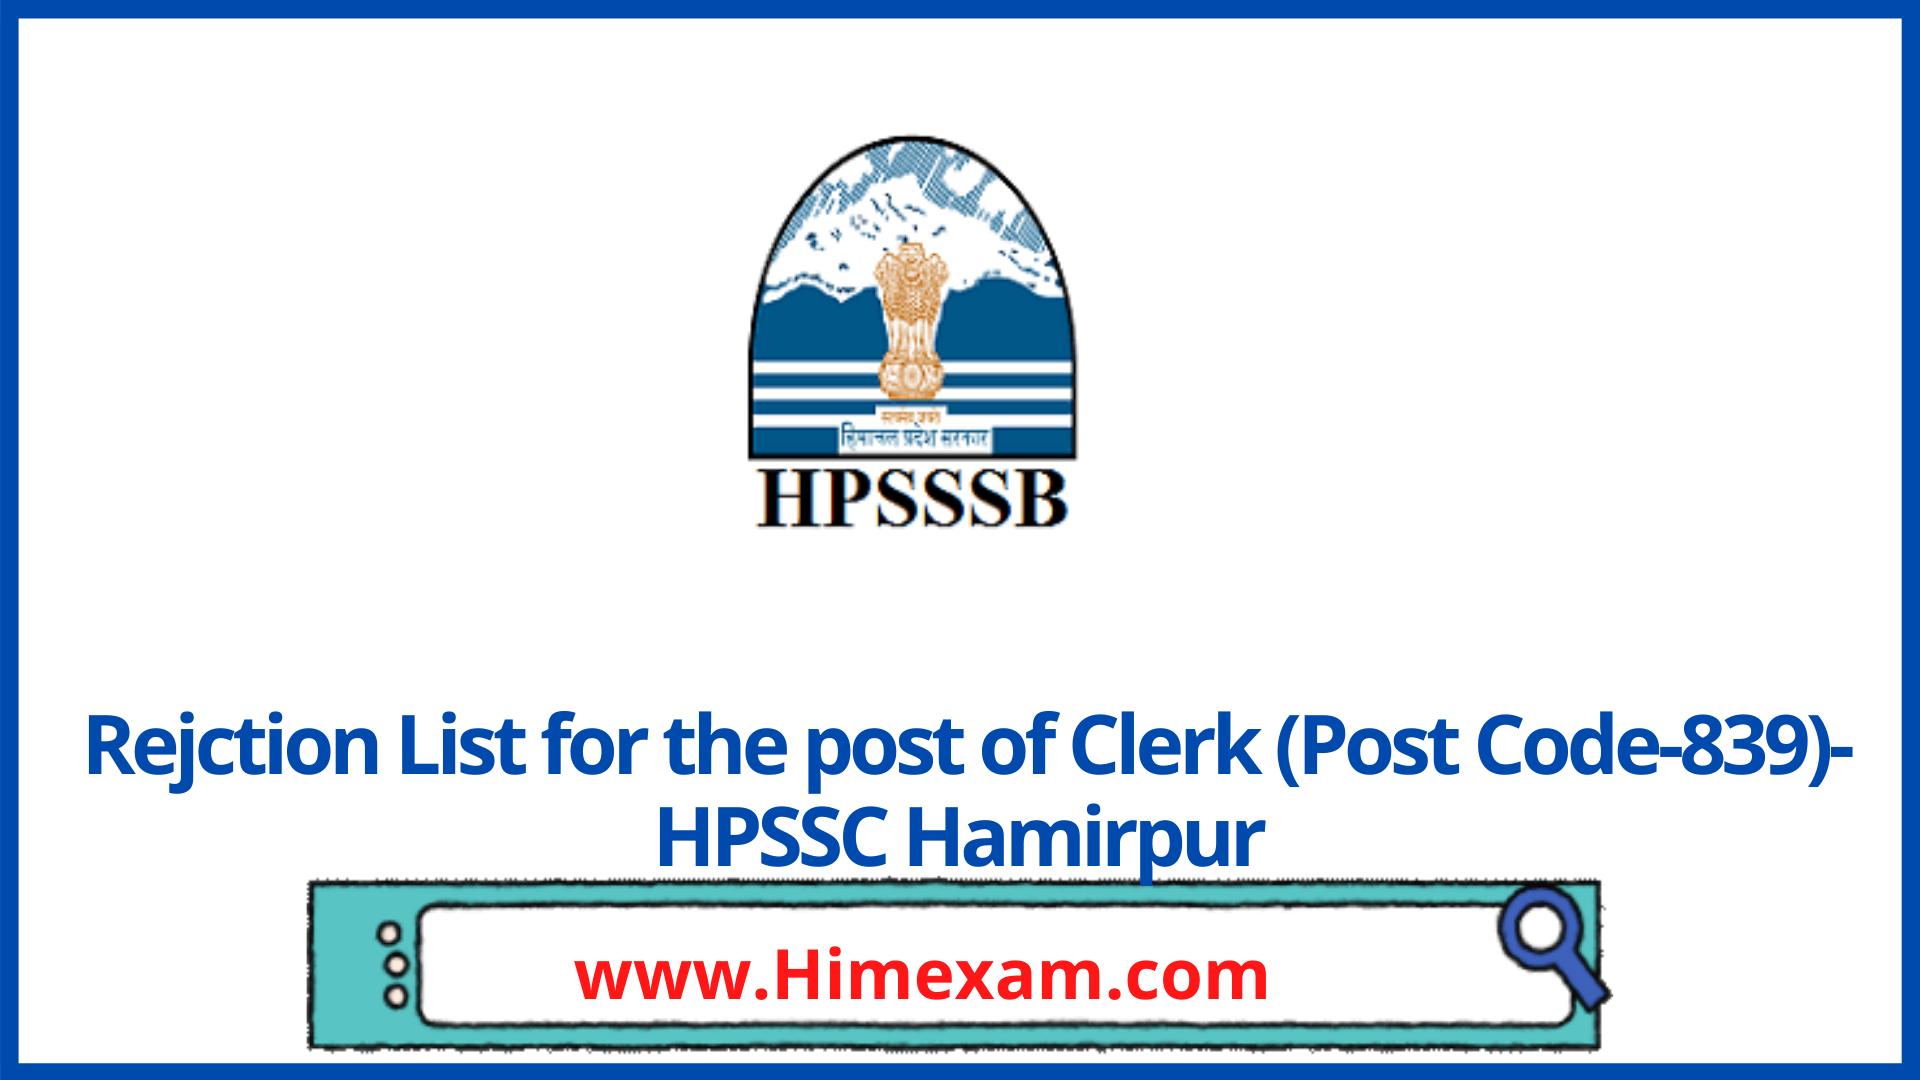 Rejction List for the post of Clerk (Post Code-839)-HPSSC Hamirpur